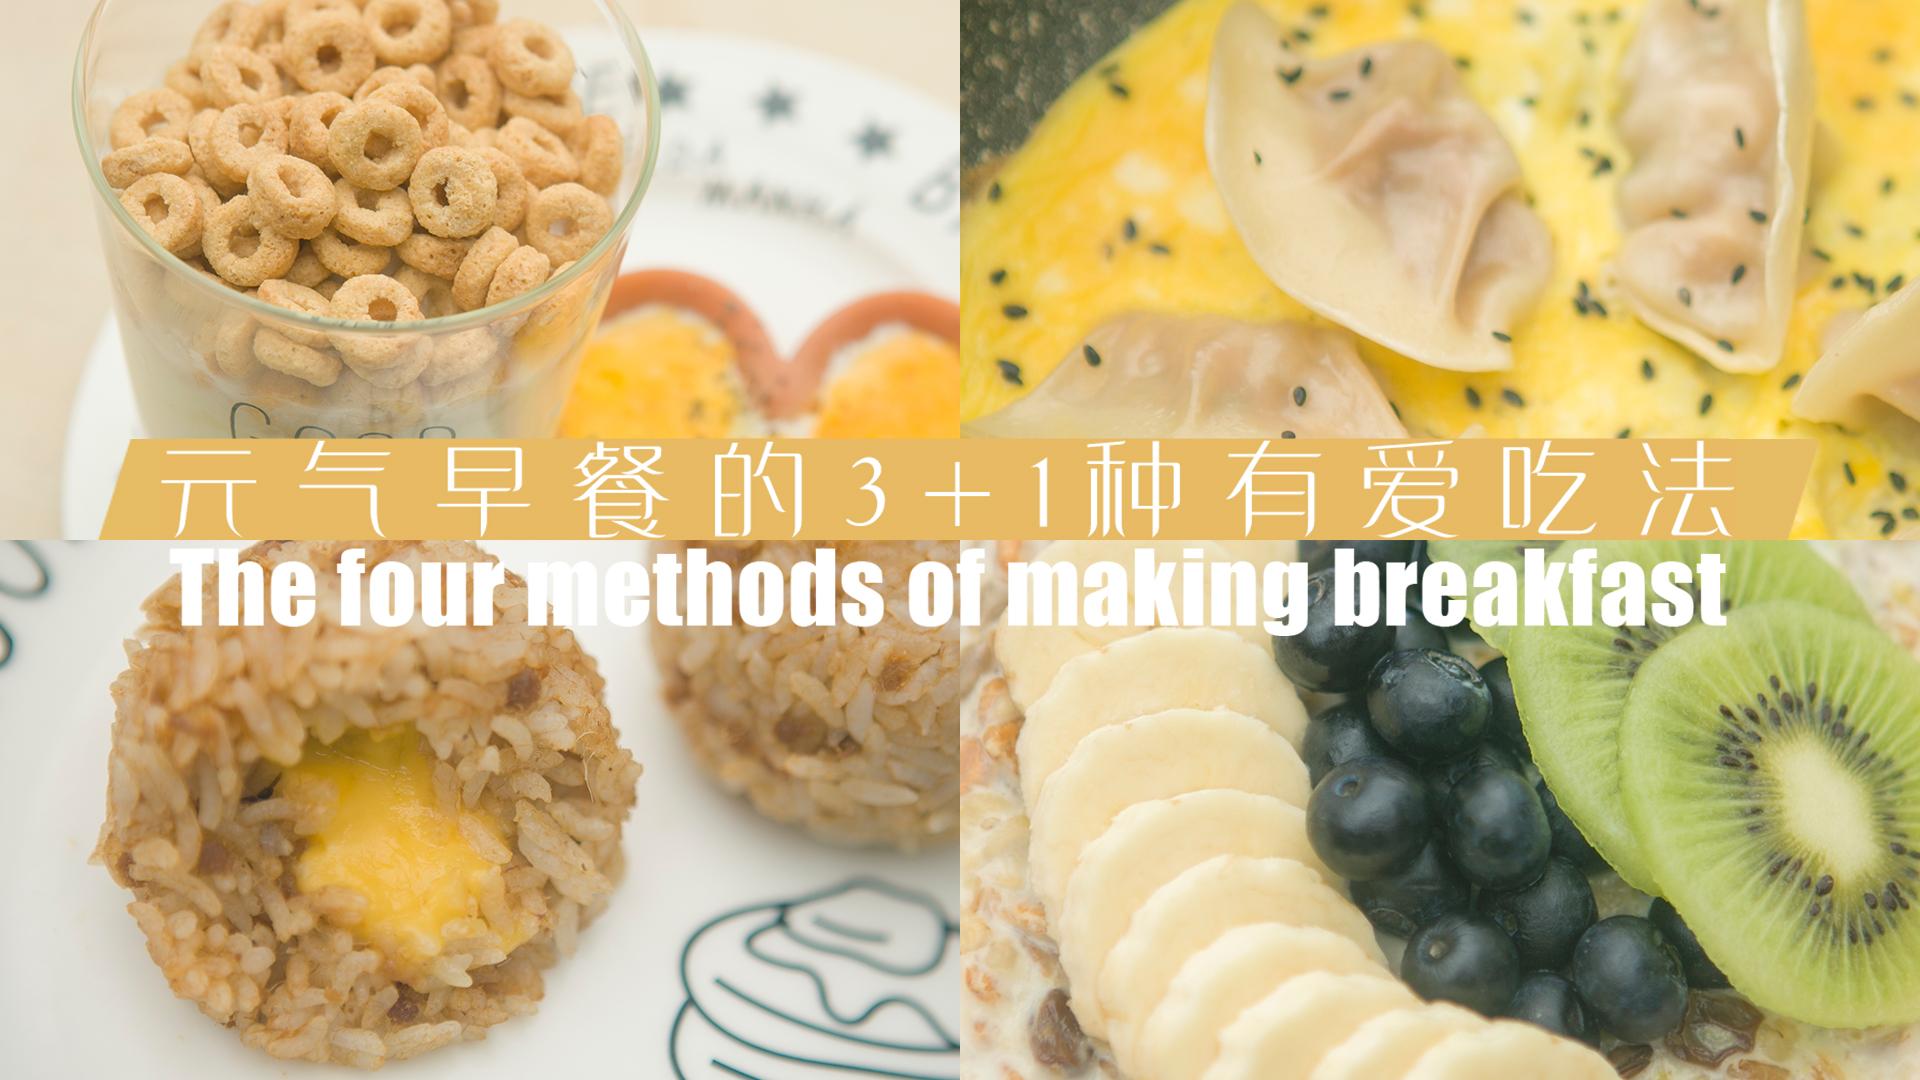 元气早餐的3+1种有爱吃法「厨娘物语」